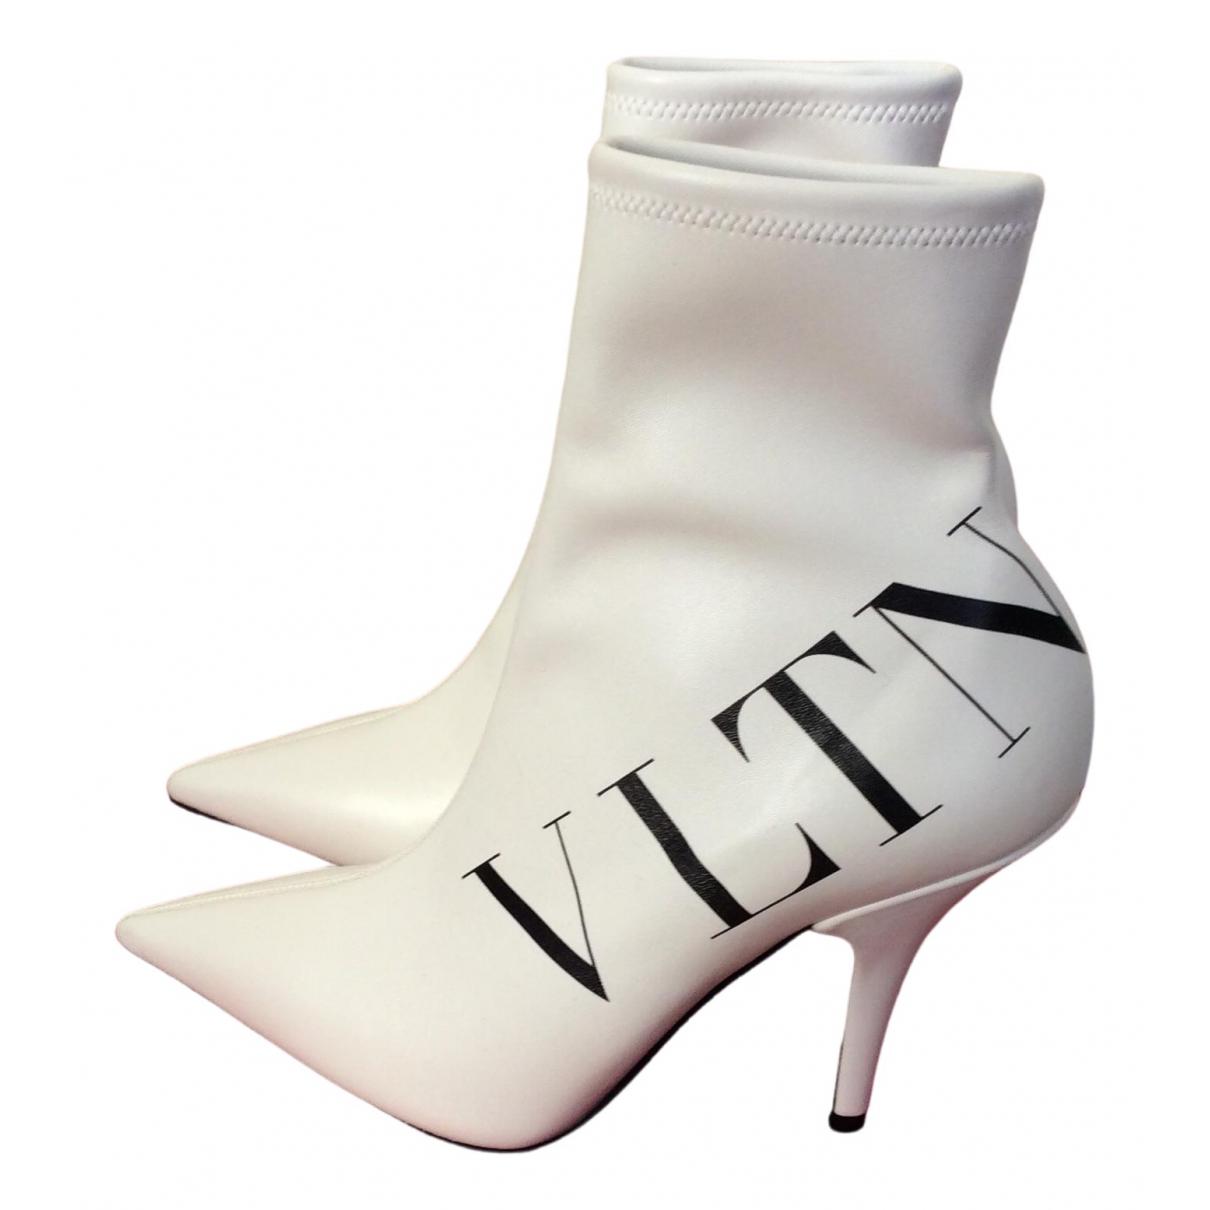 Valentino Garavani VLTN Stiefeletten in  Weiss Leder